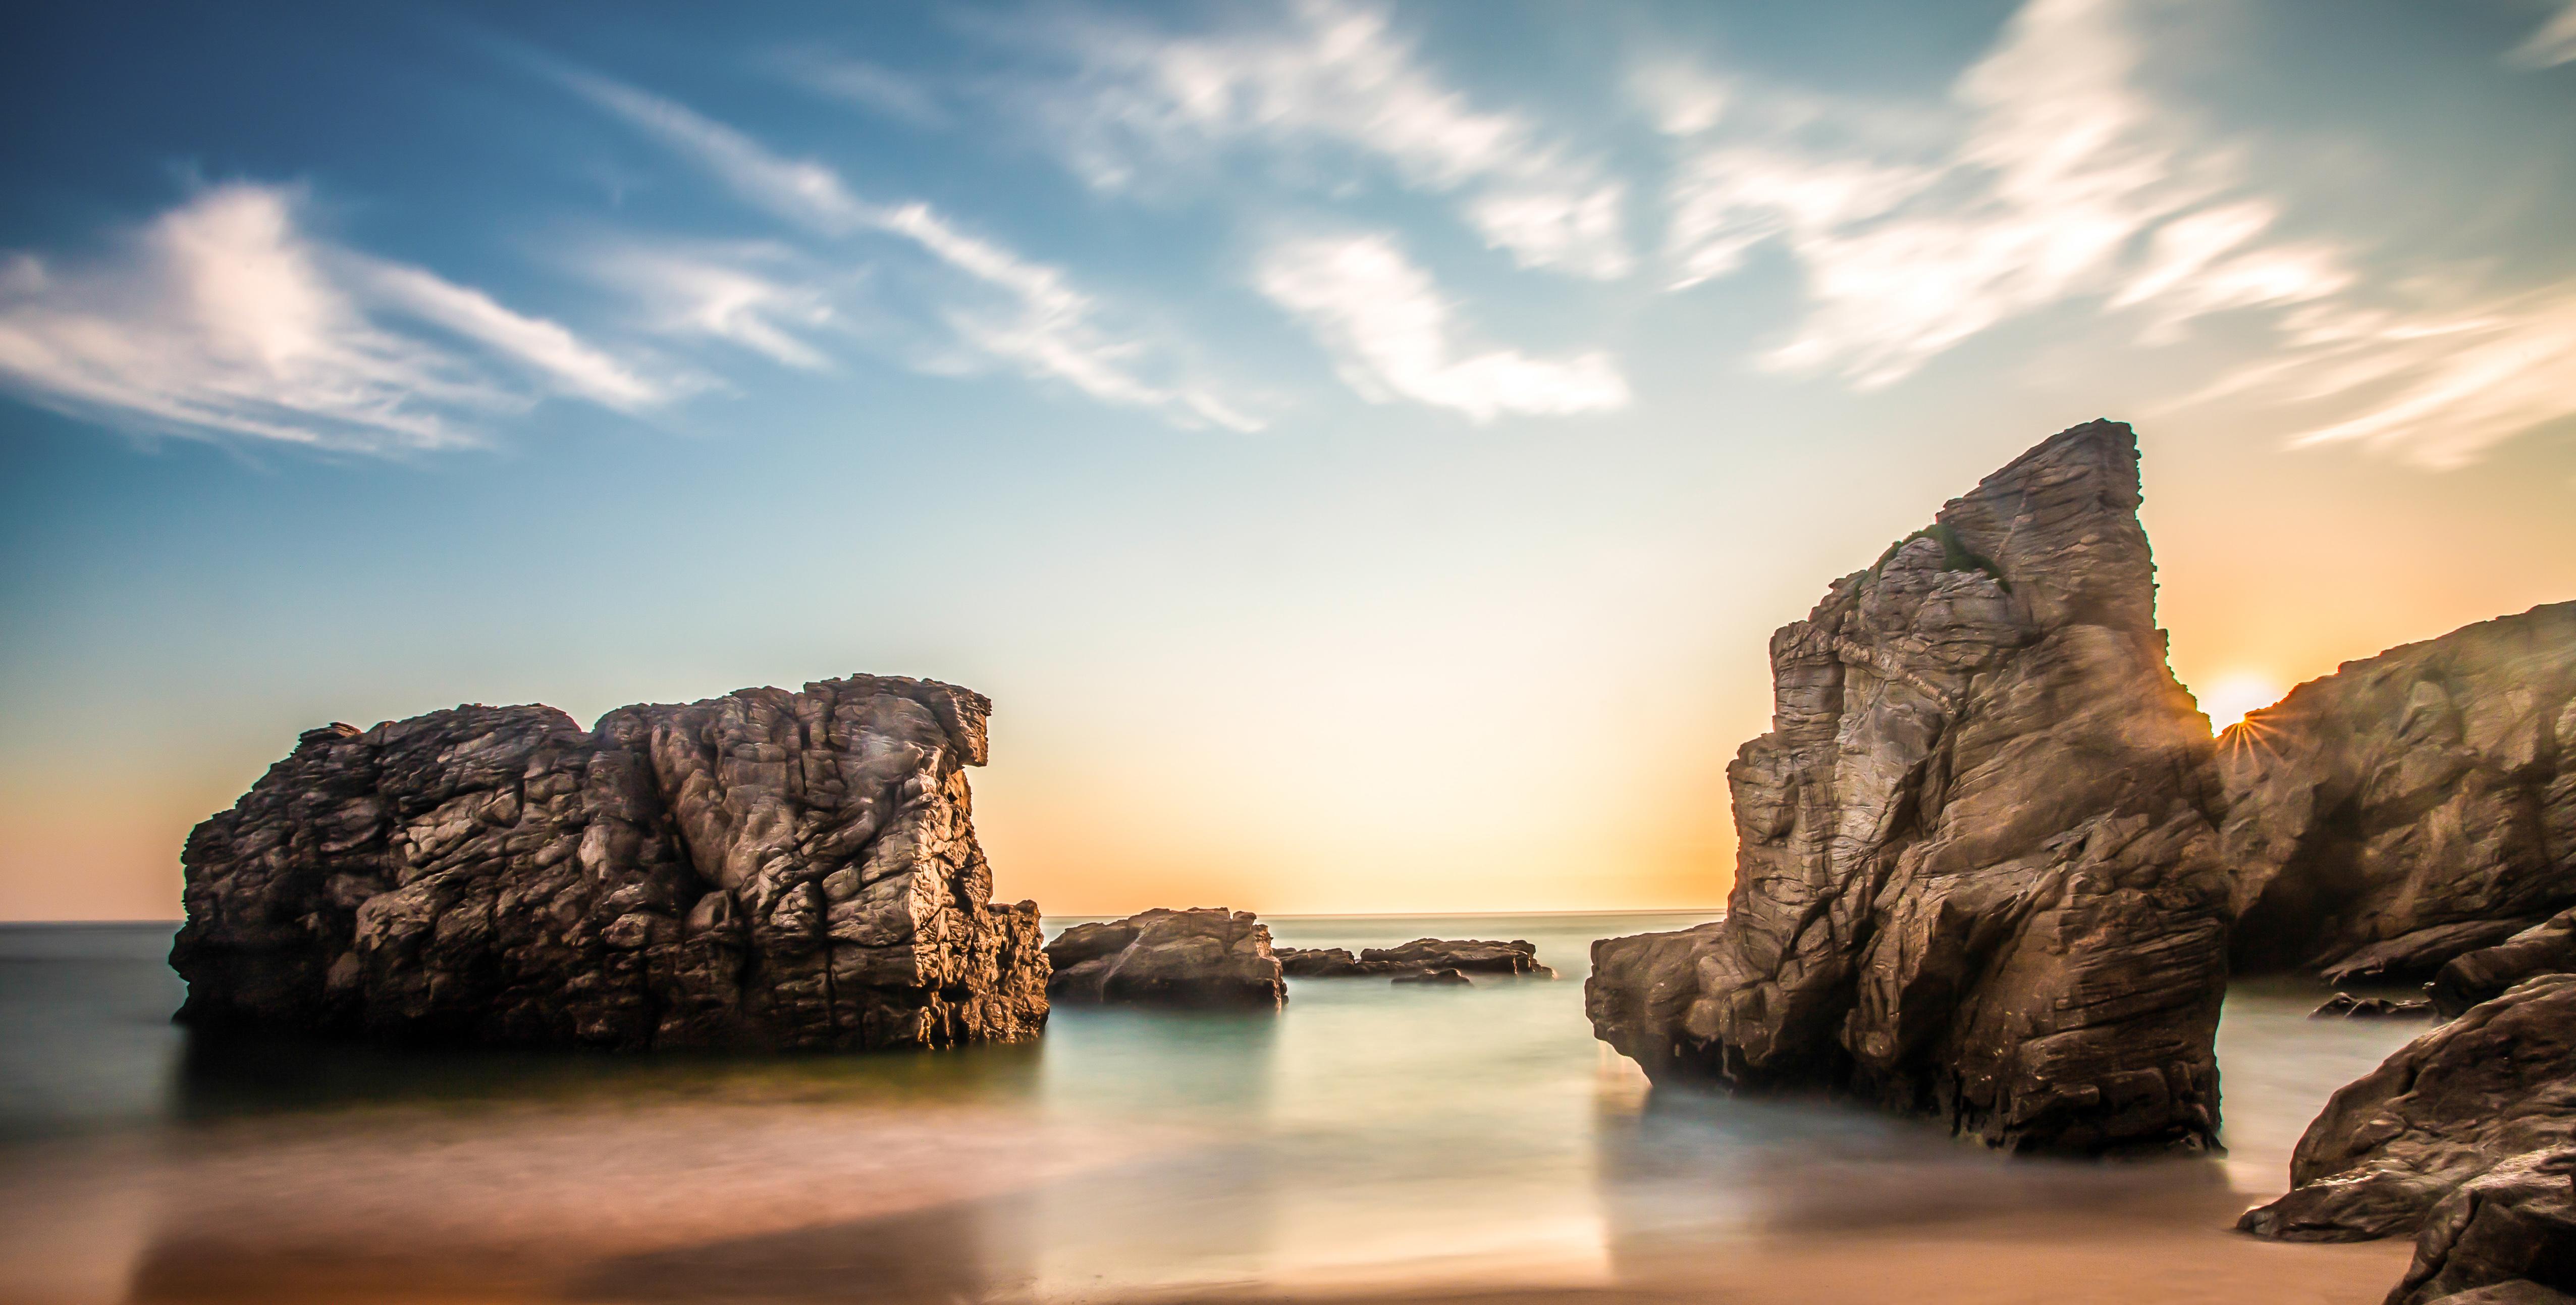 Скалы море природа бесплатно